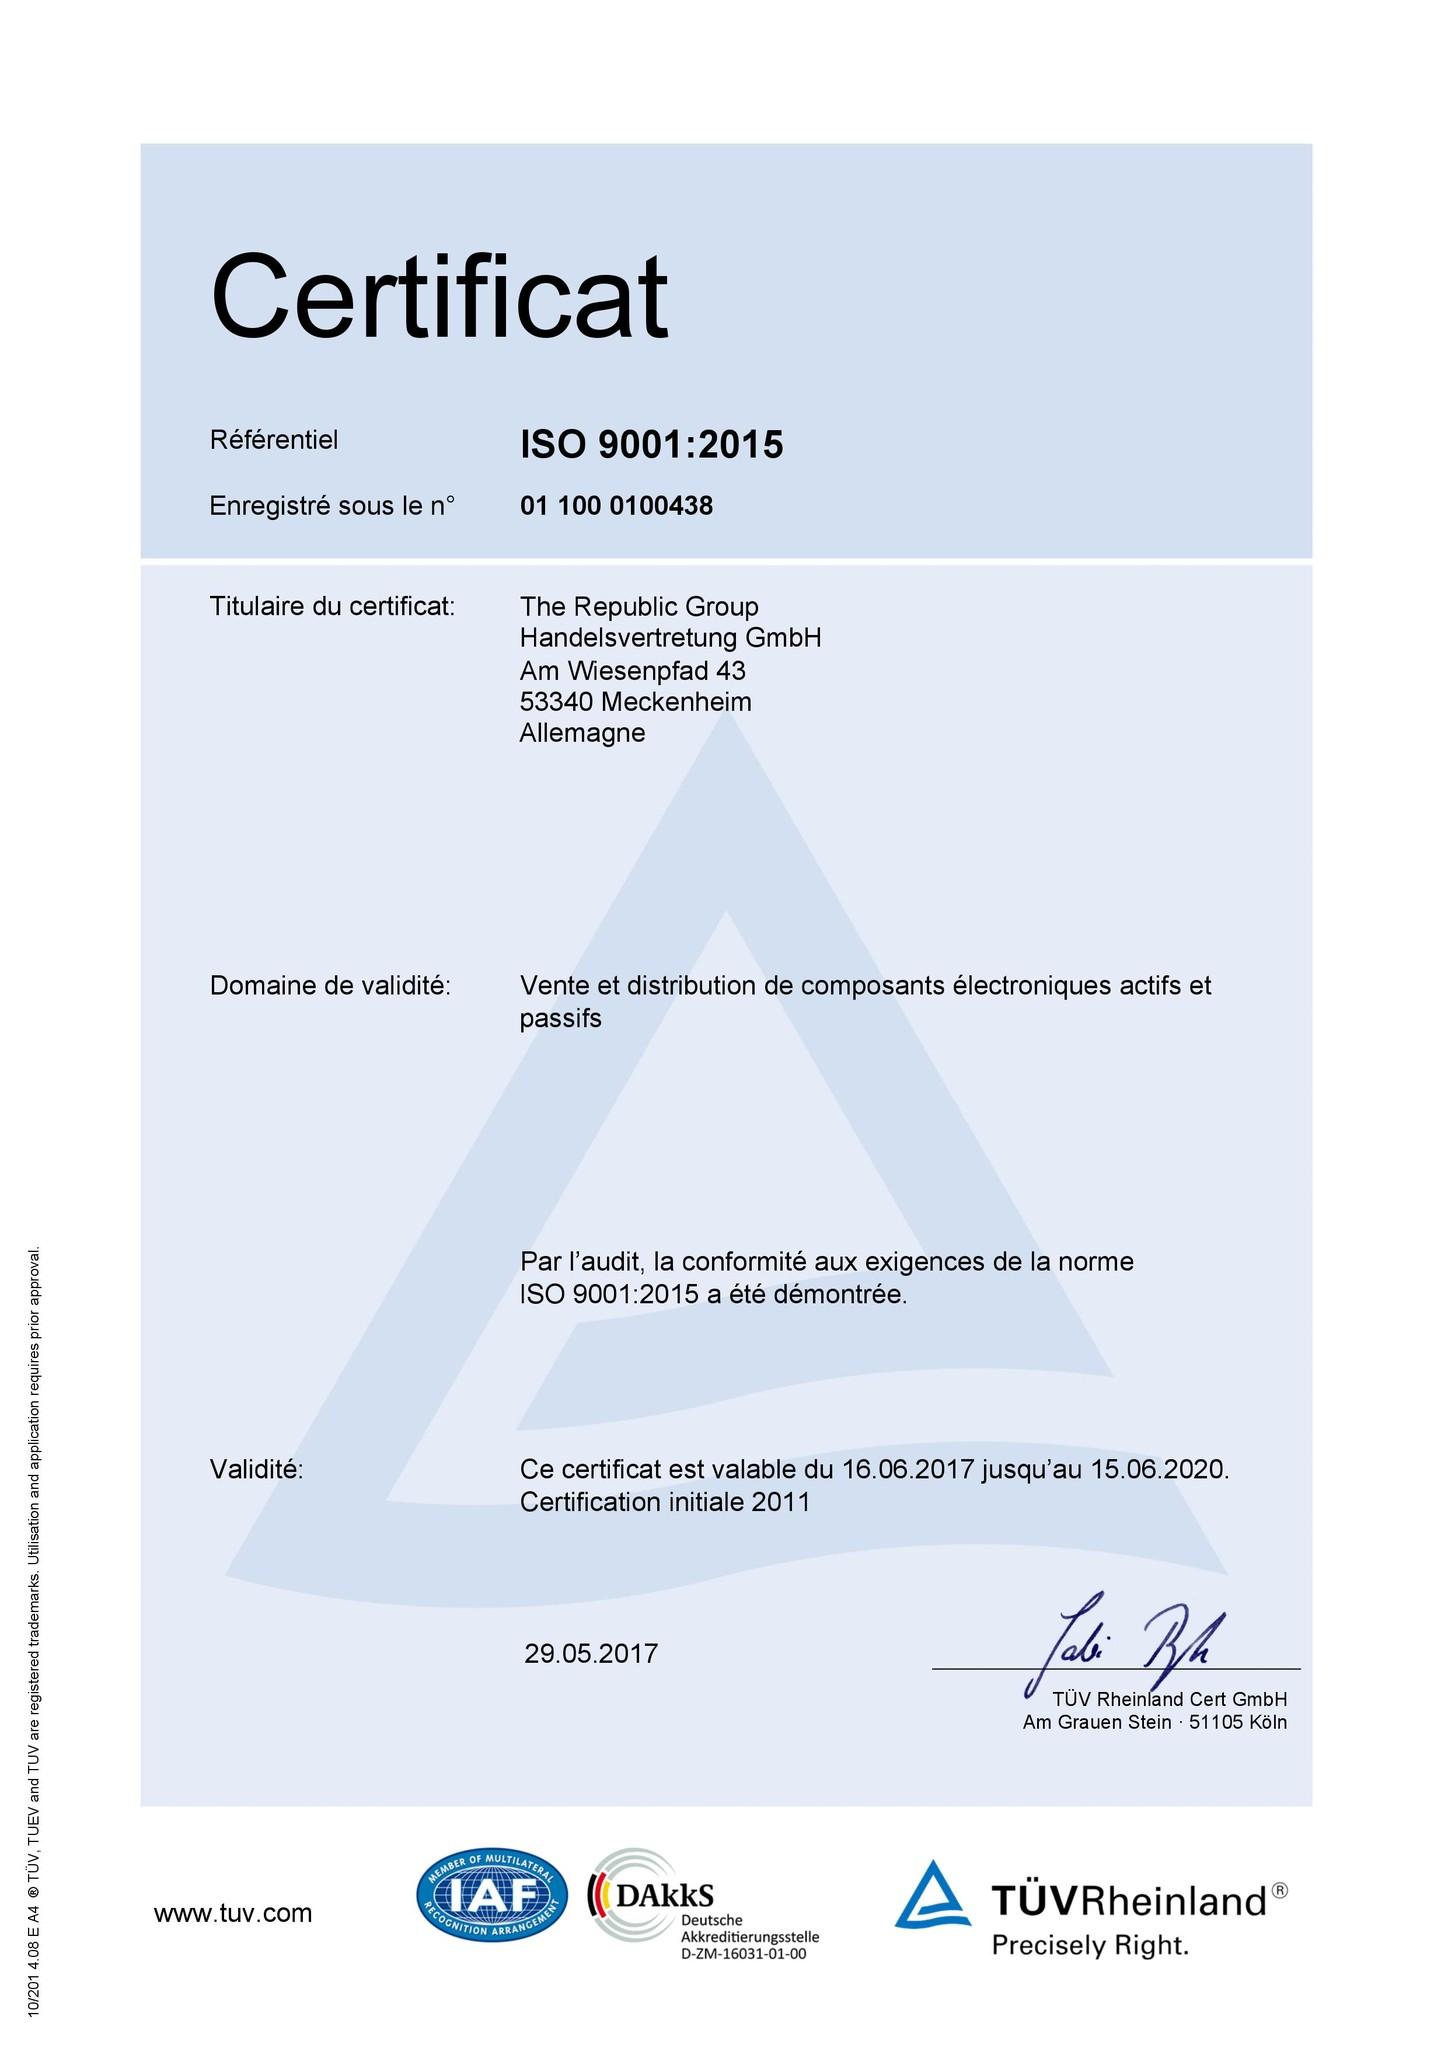 ISO 9001:2015 certificat